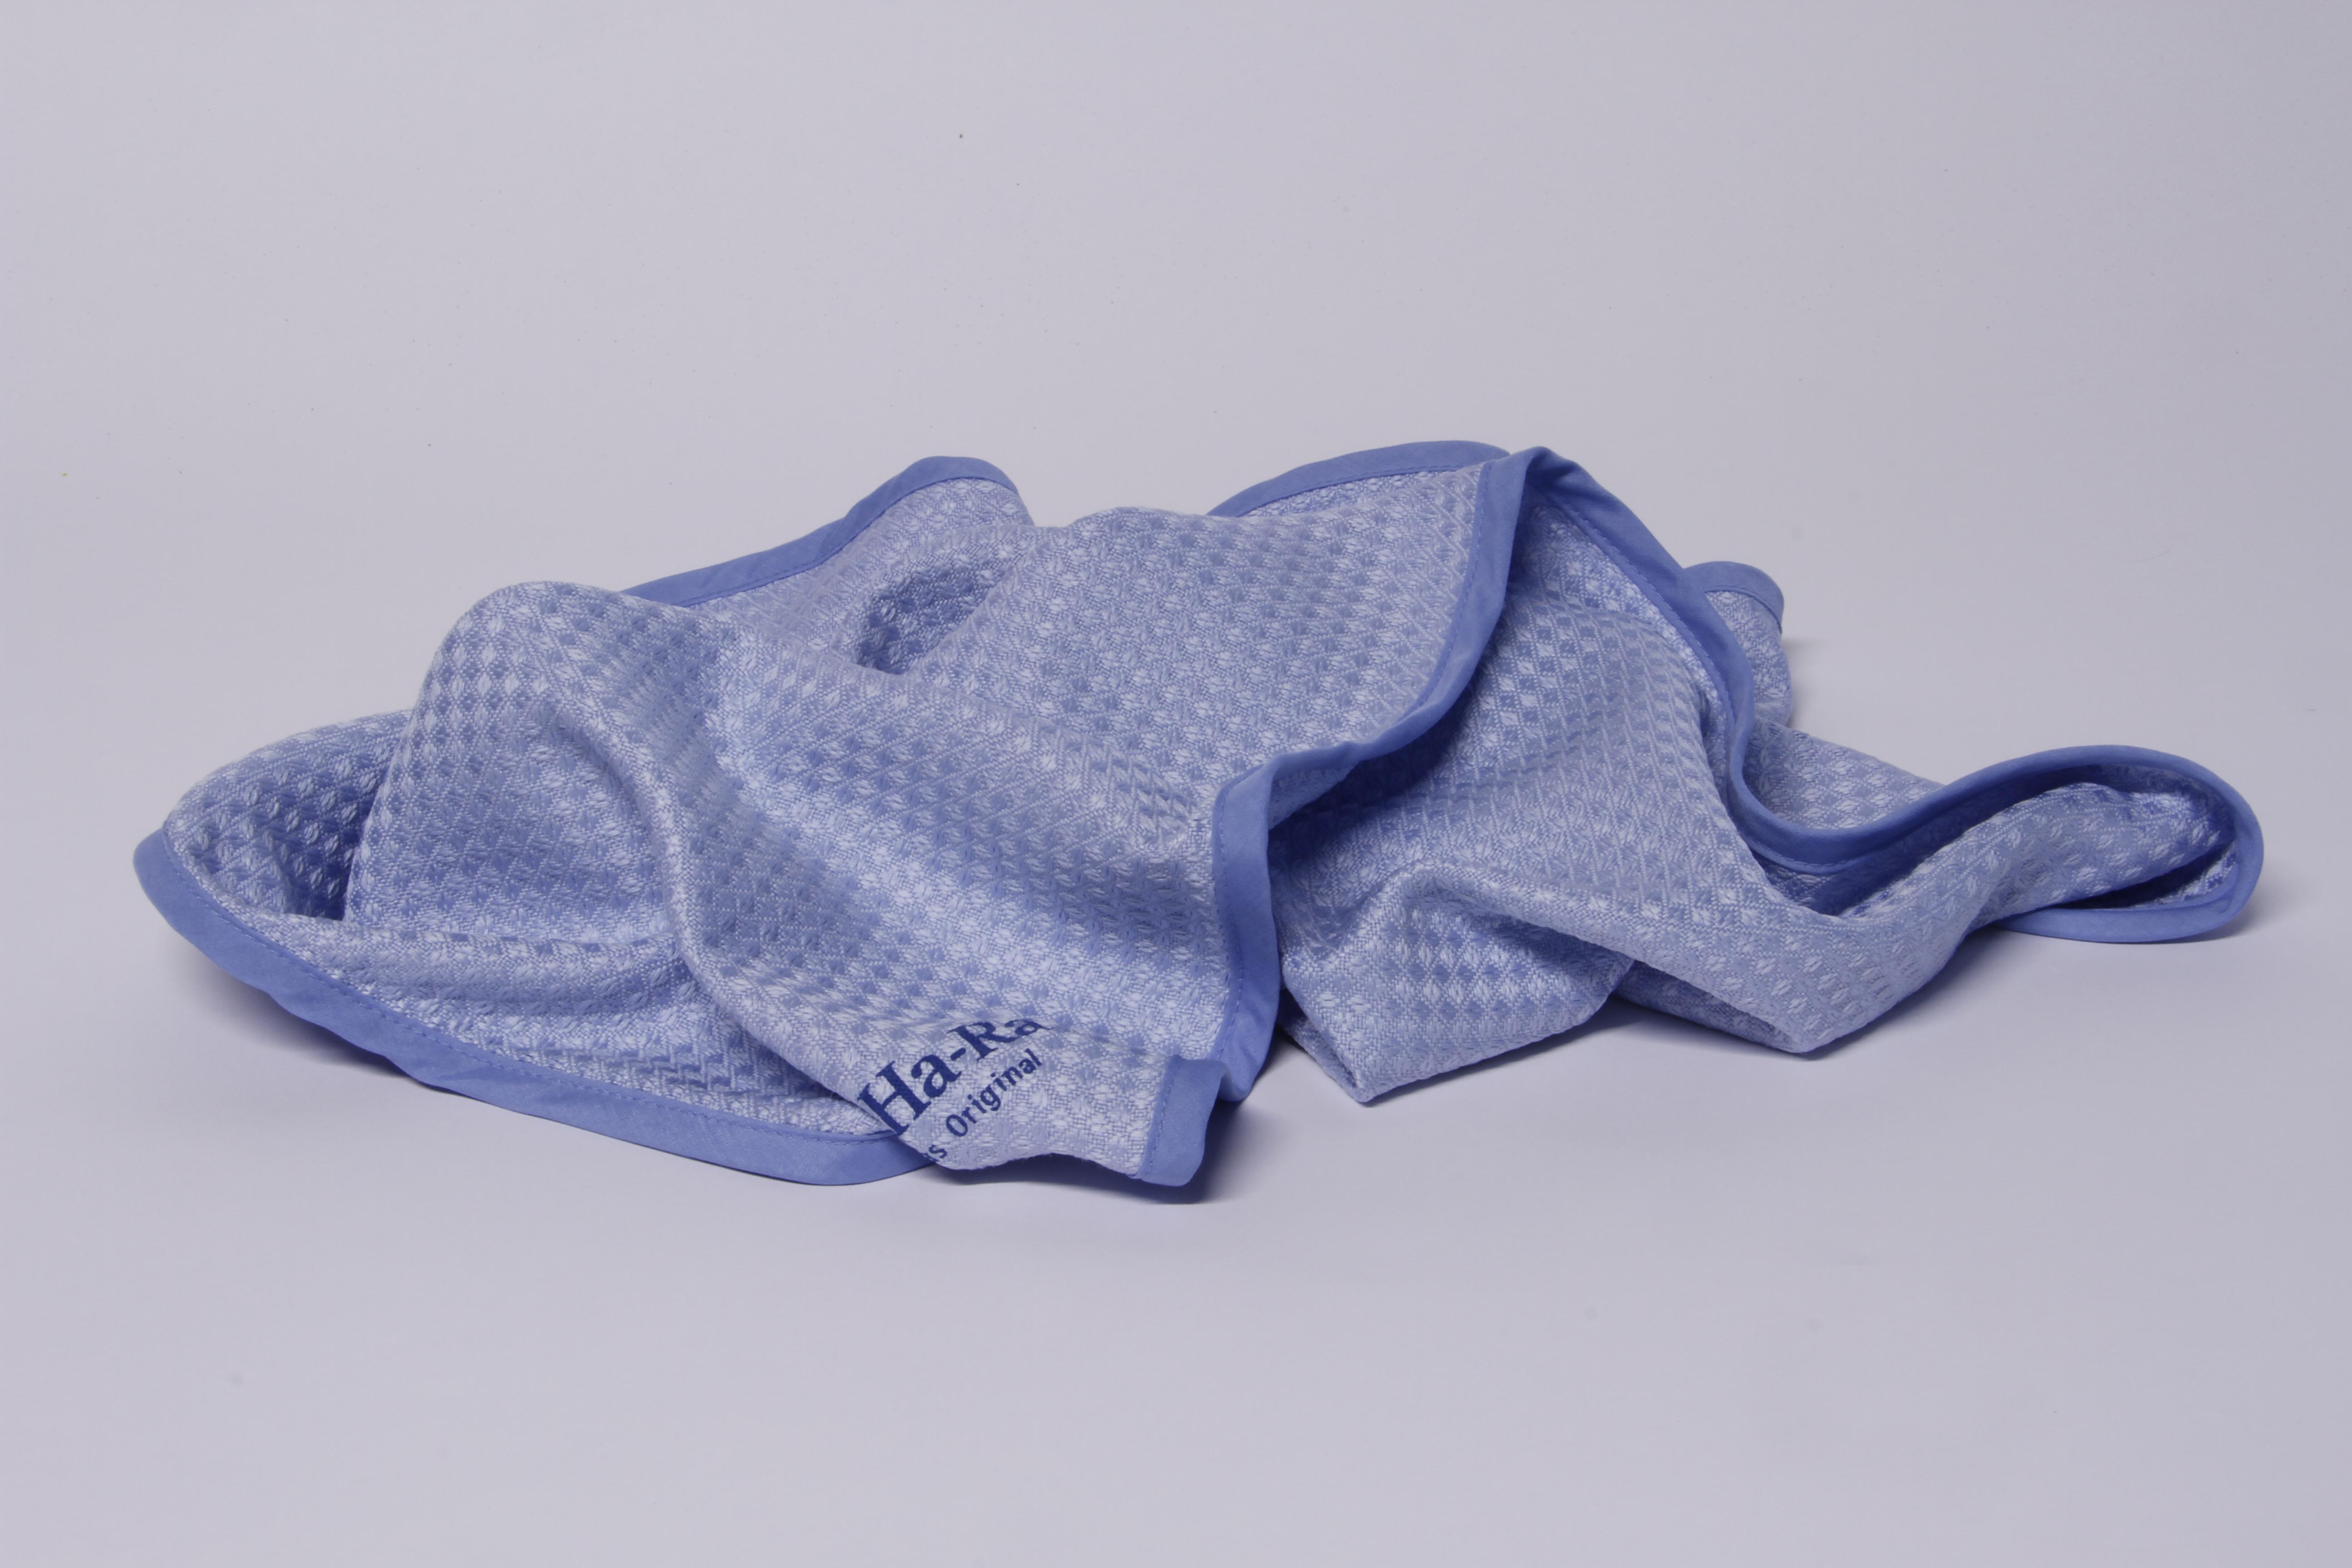 Kristal doek nieuw schoonmaakartikelen van vorwerk hara ghibli vortech - Mandje doek doek ...